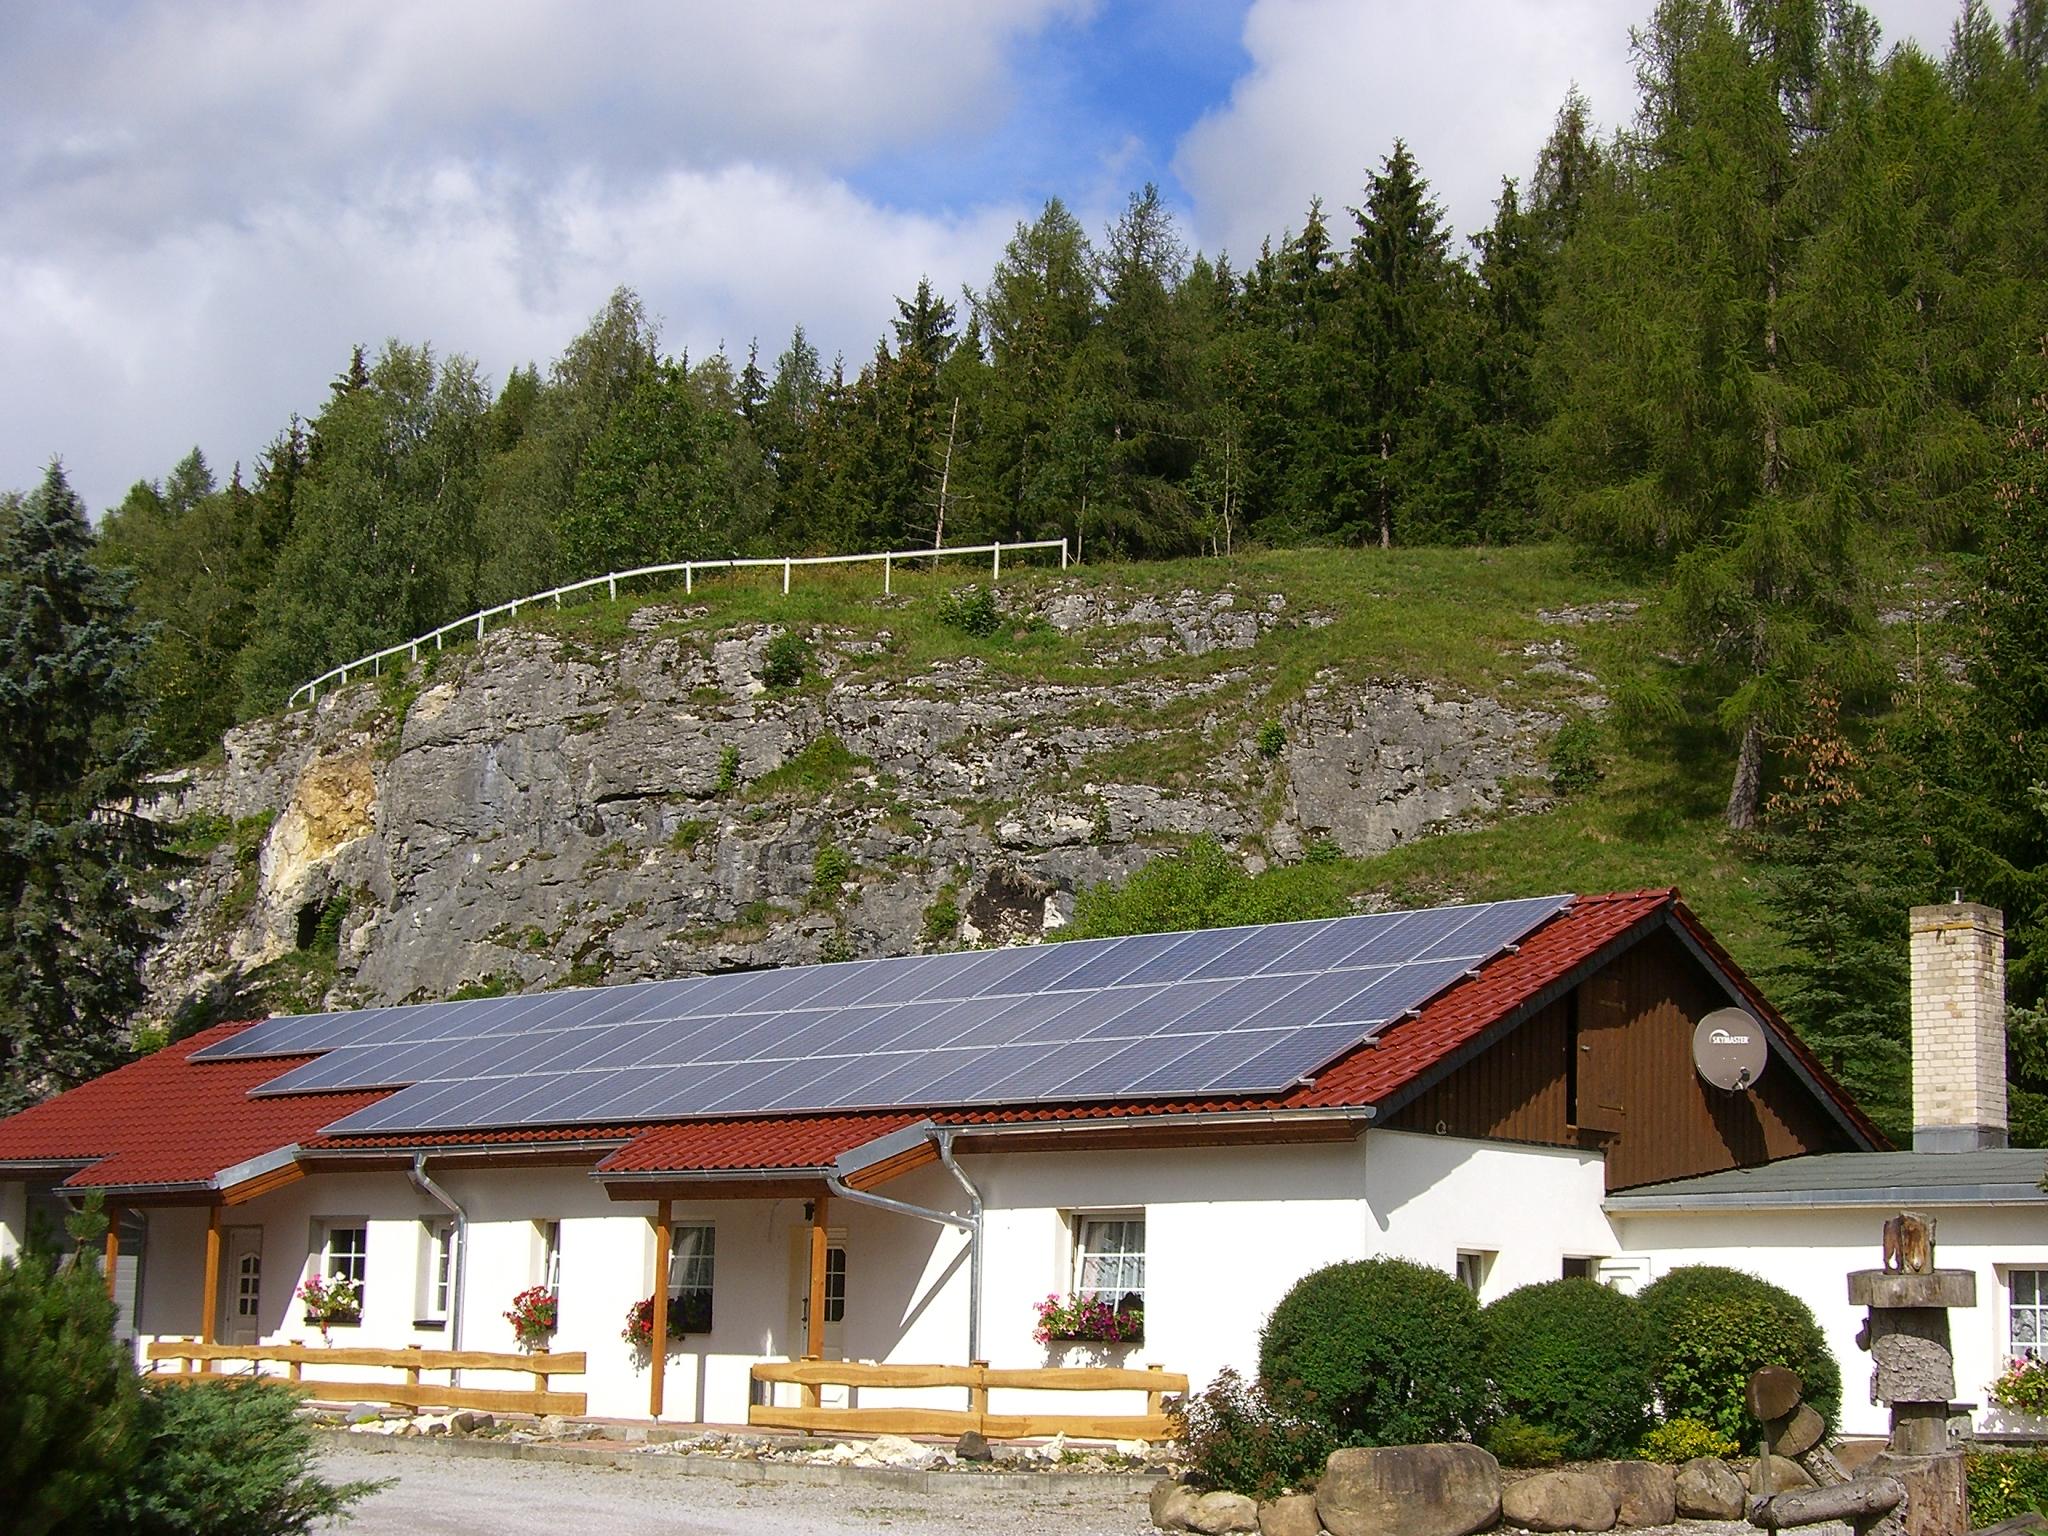 Hotel-Restaurant am Felsen in Königshütte - Außenansicht